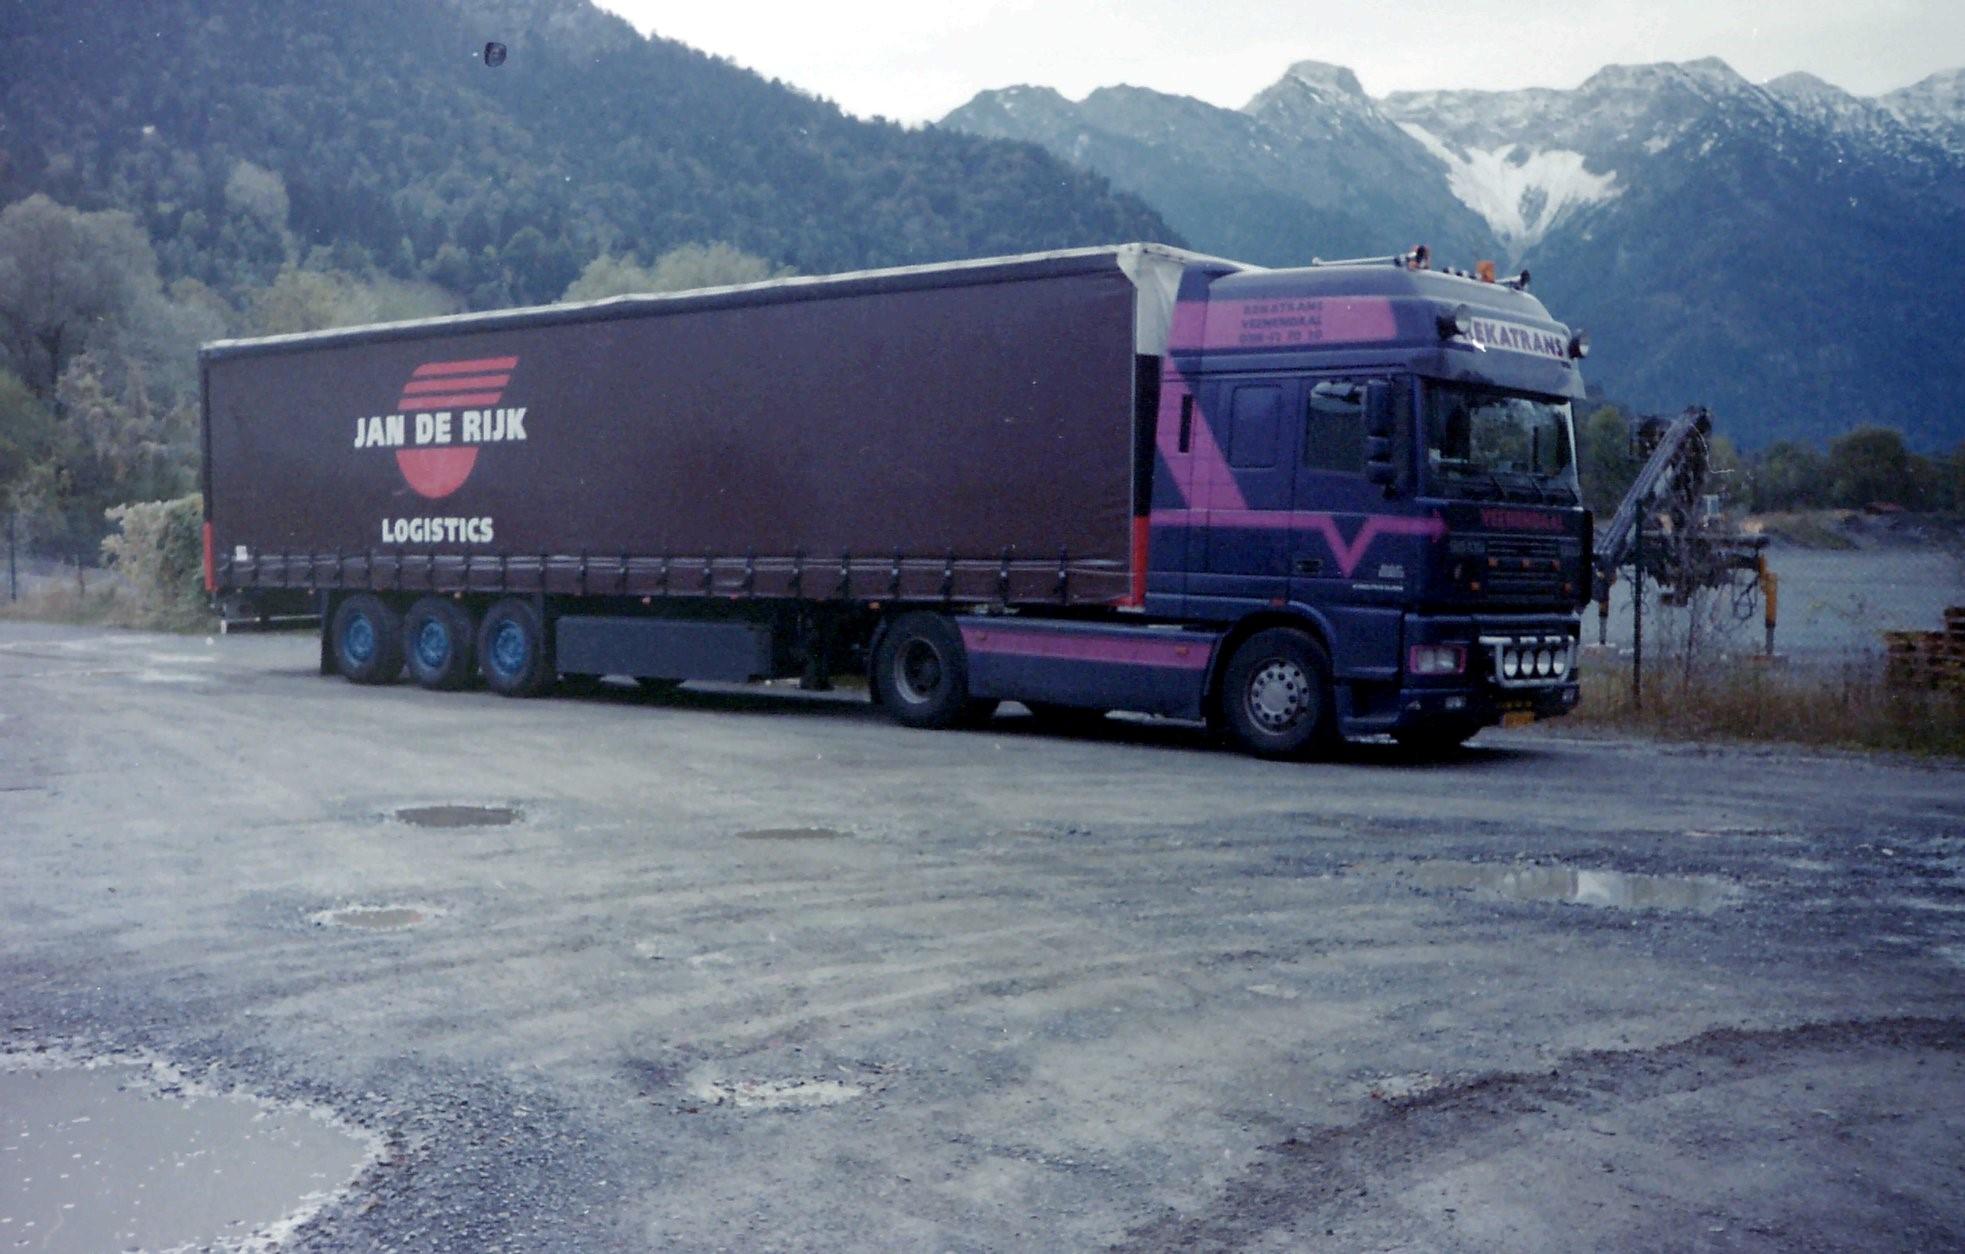 Jan-Piet-de-Boer-in-Garmisch-Partenkirschen--Dit-was-mijn-allerbeste-auto-ooit-